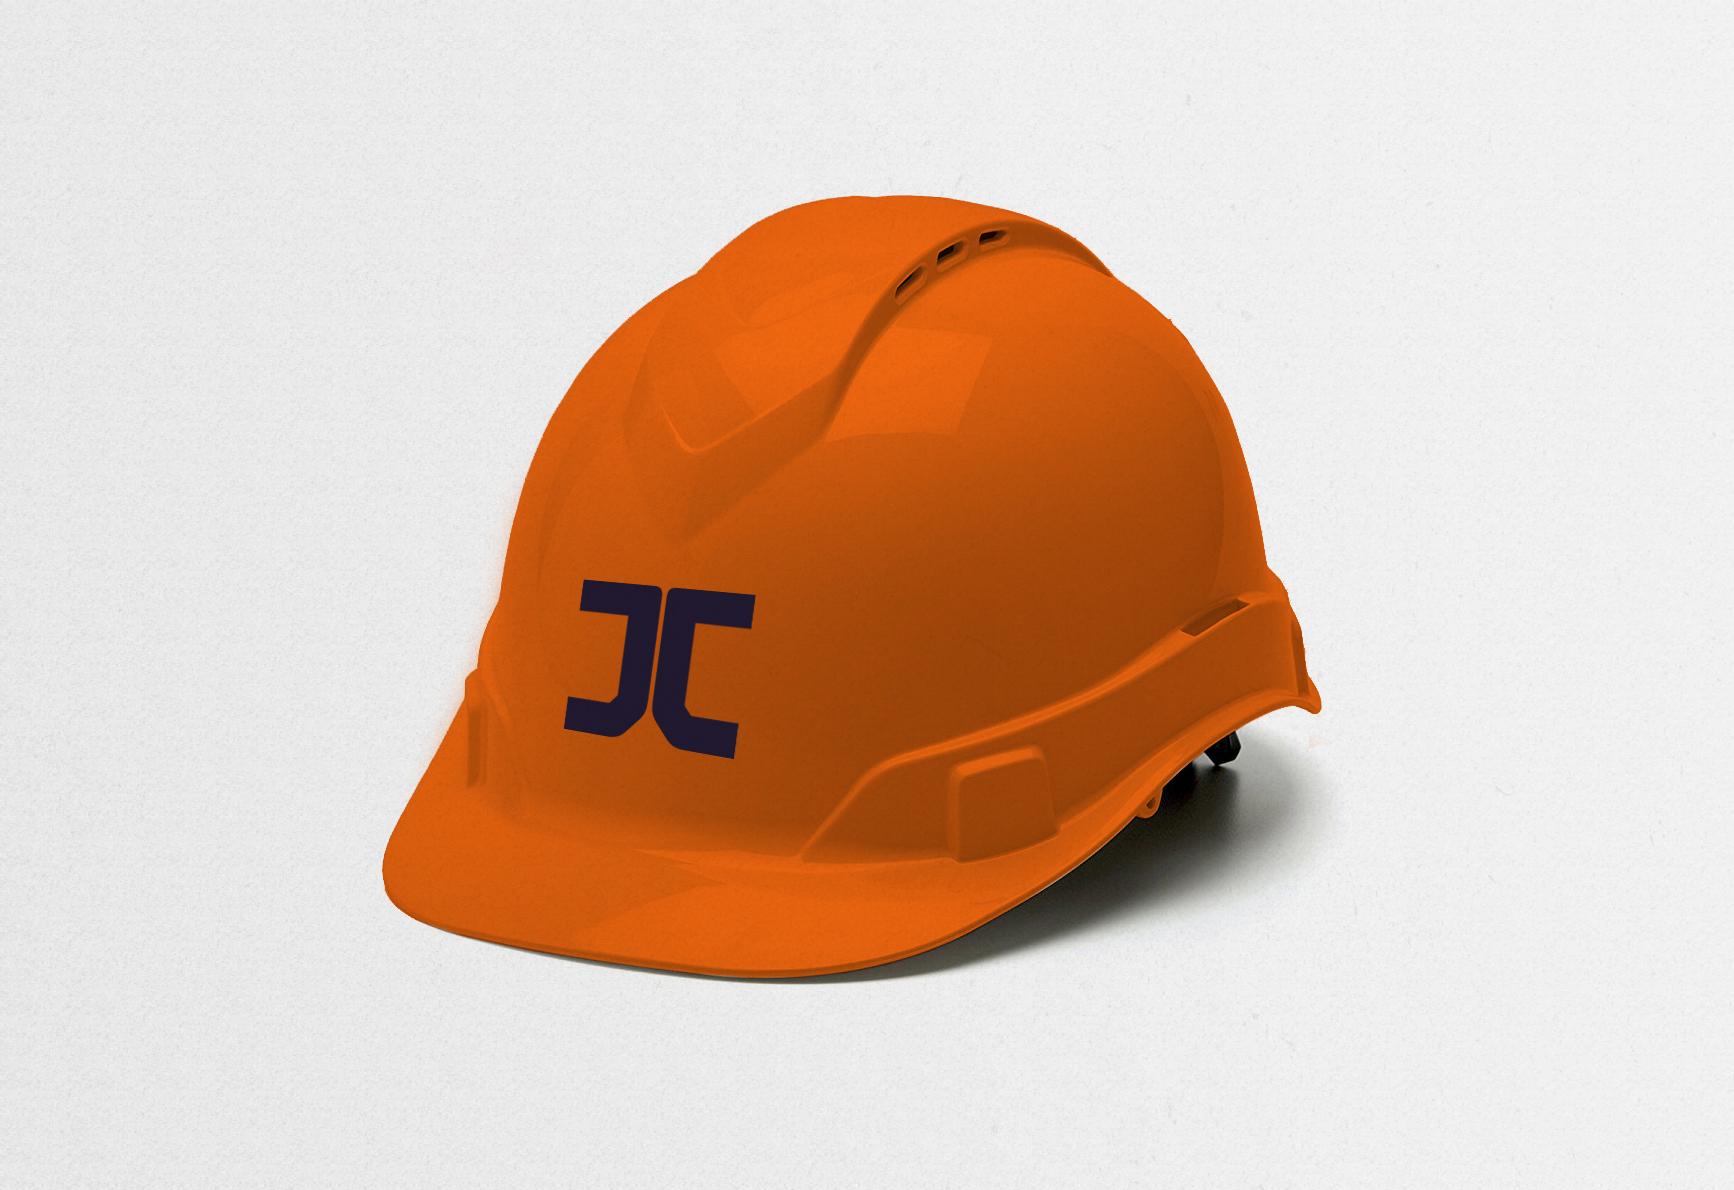 JTC_helmet.jpg